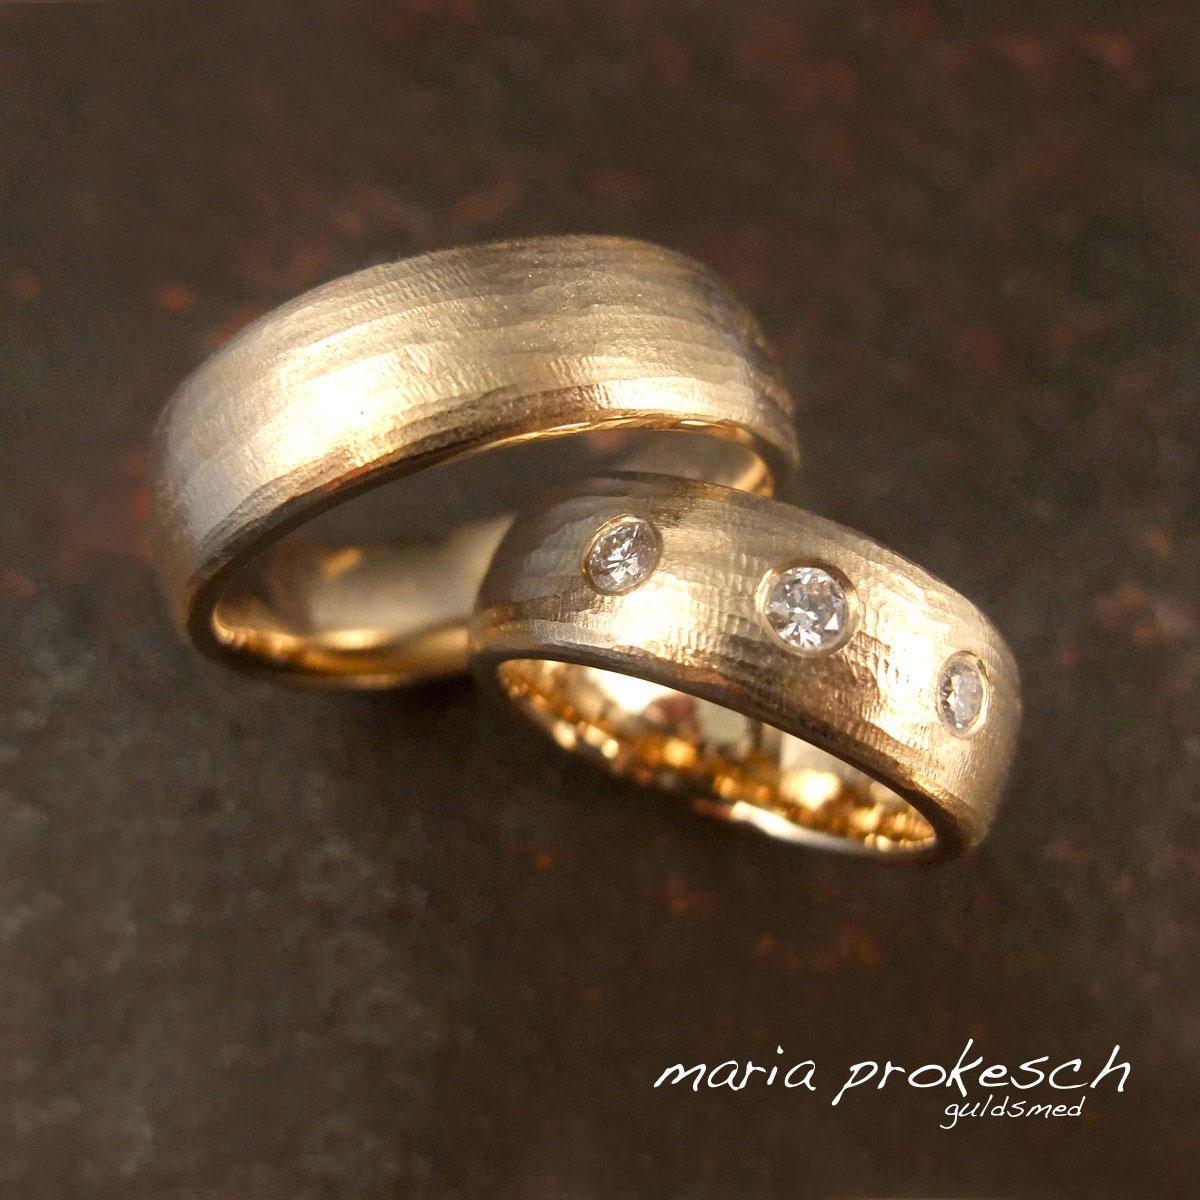 Rustik matteret vielsesringe, håndlavet og med 3 diamanter i hendes ring. Stort personligt udvalg af håndlavede vielsesringe